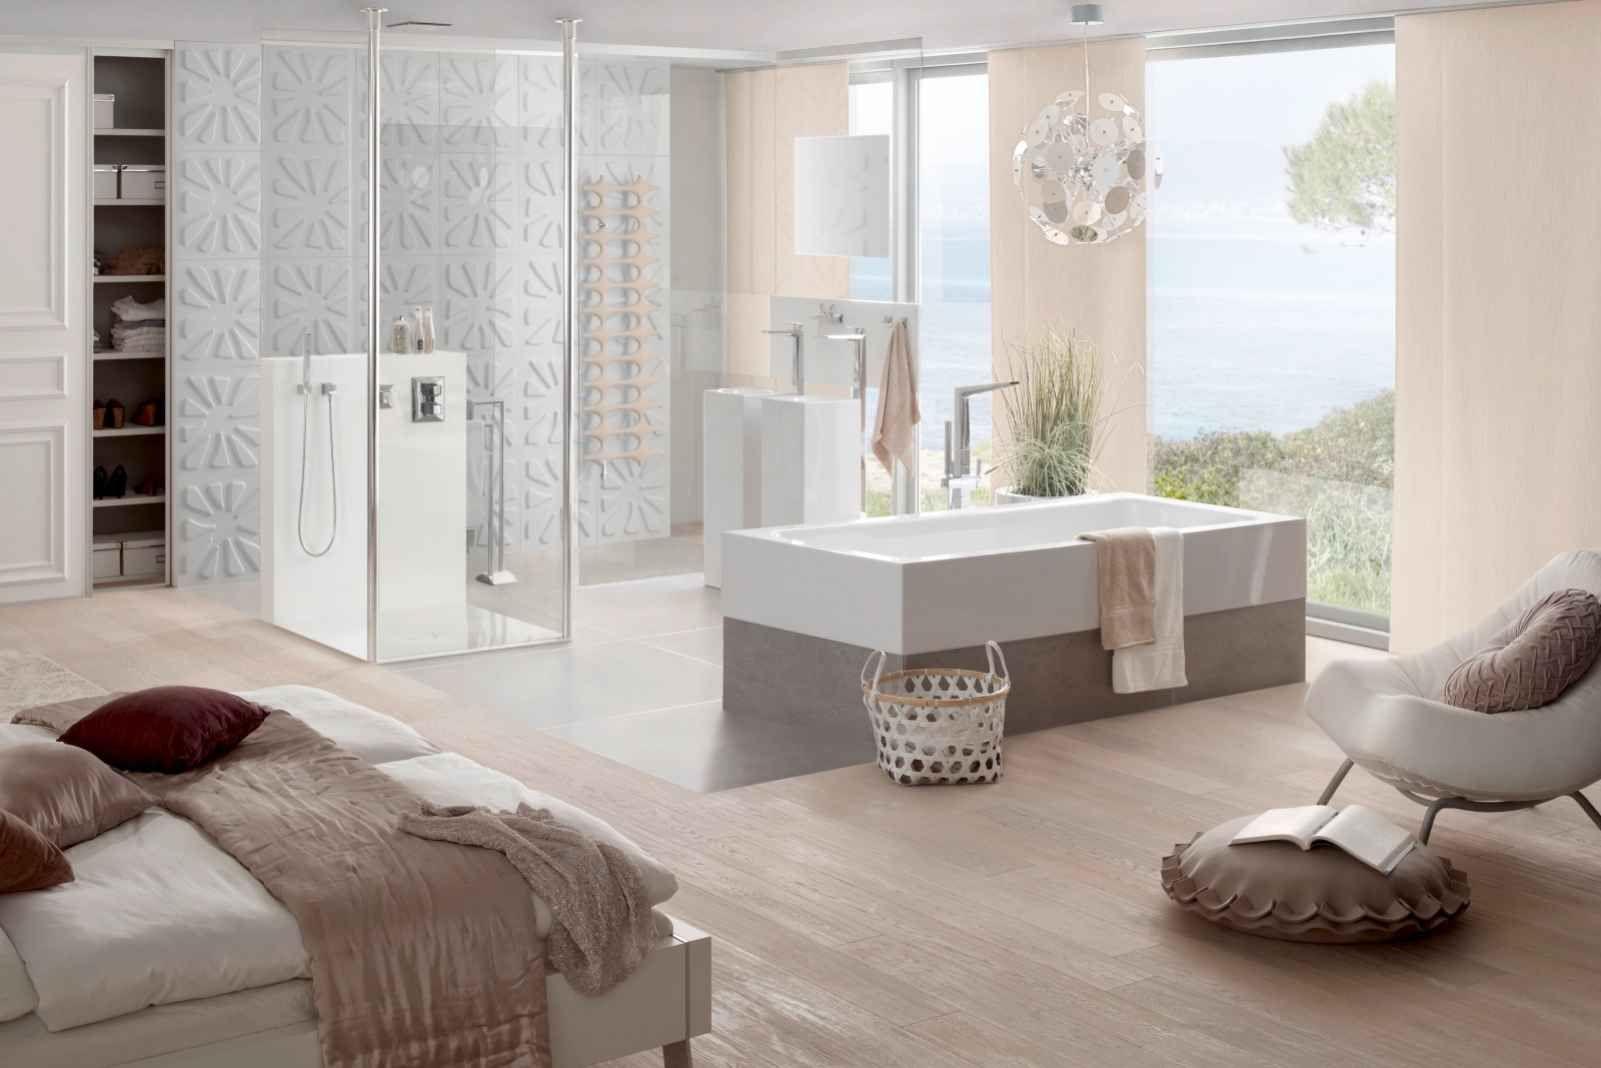 Kombinierte schlafzimmer und badezimmer mit rechteck badewanne one highline badezimmer Schlafzimmer einrichten 3d